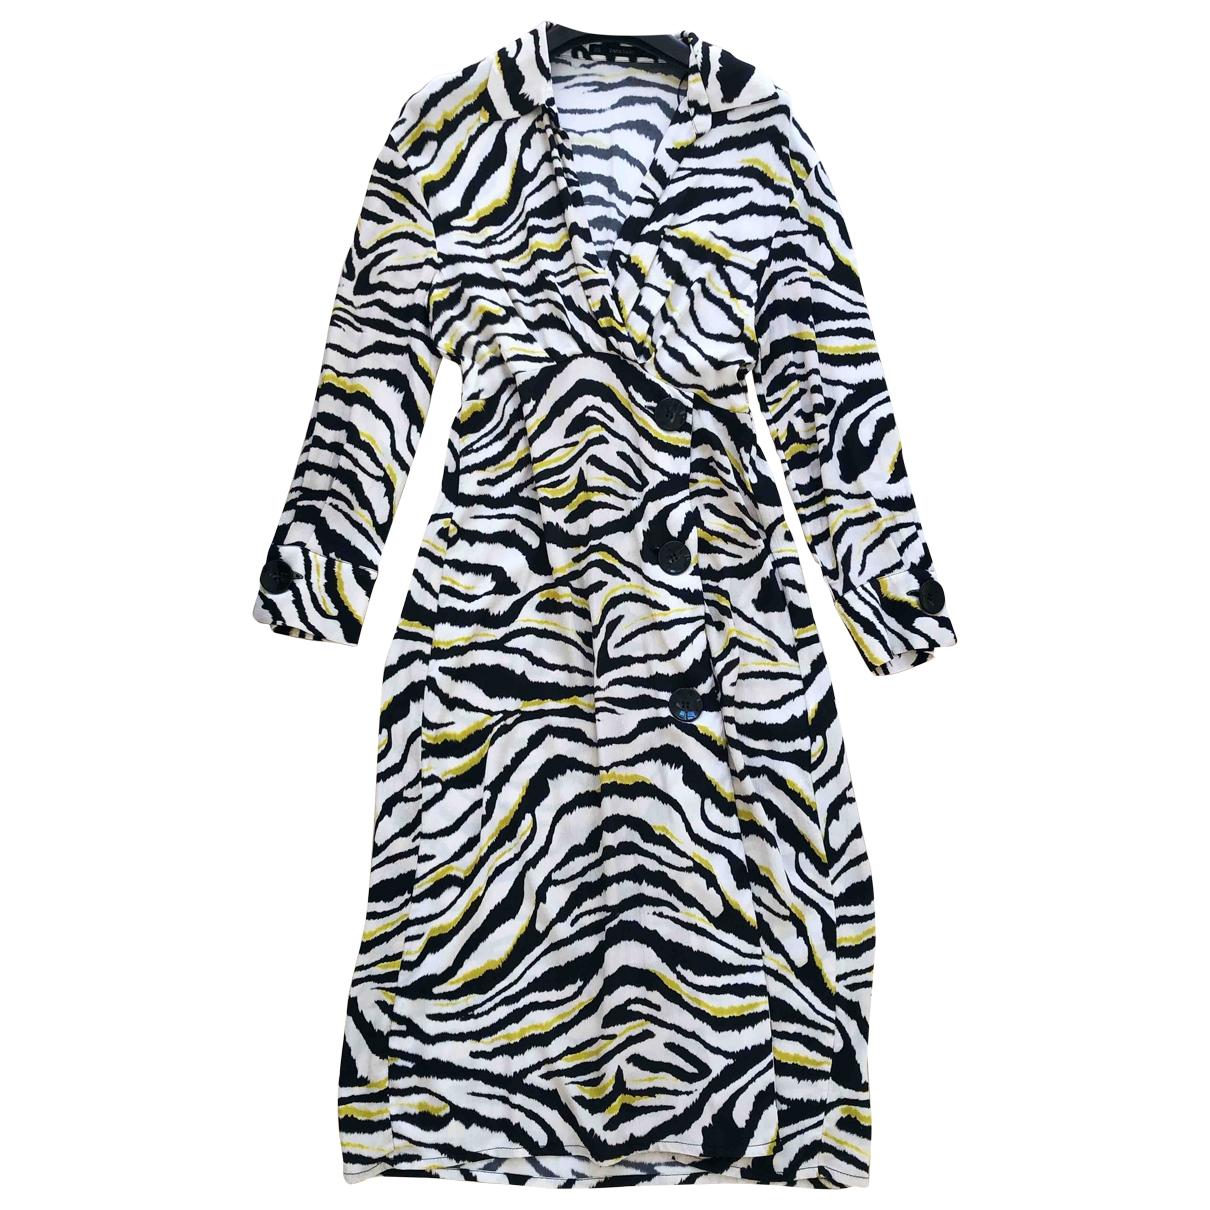 Zara \N Kleid in  Bunt Viskose